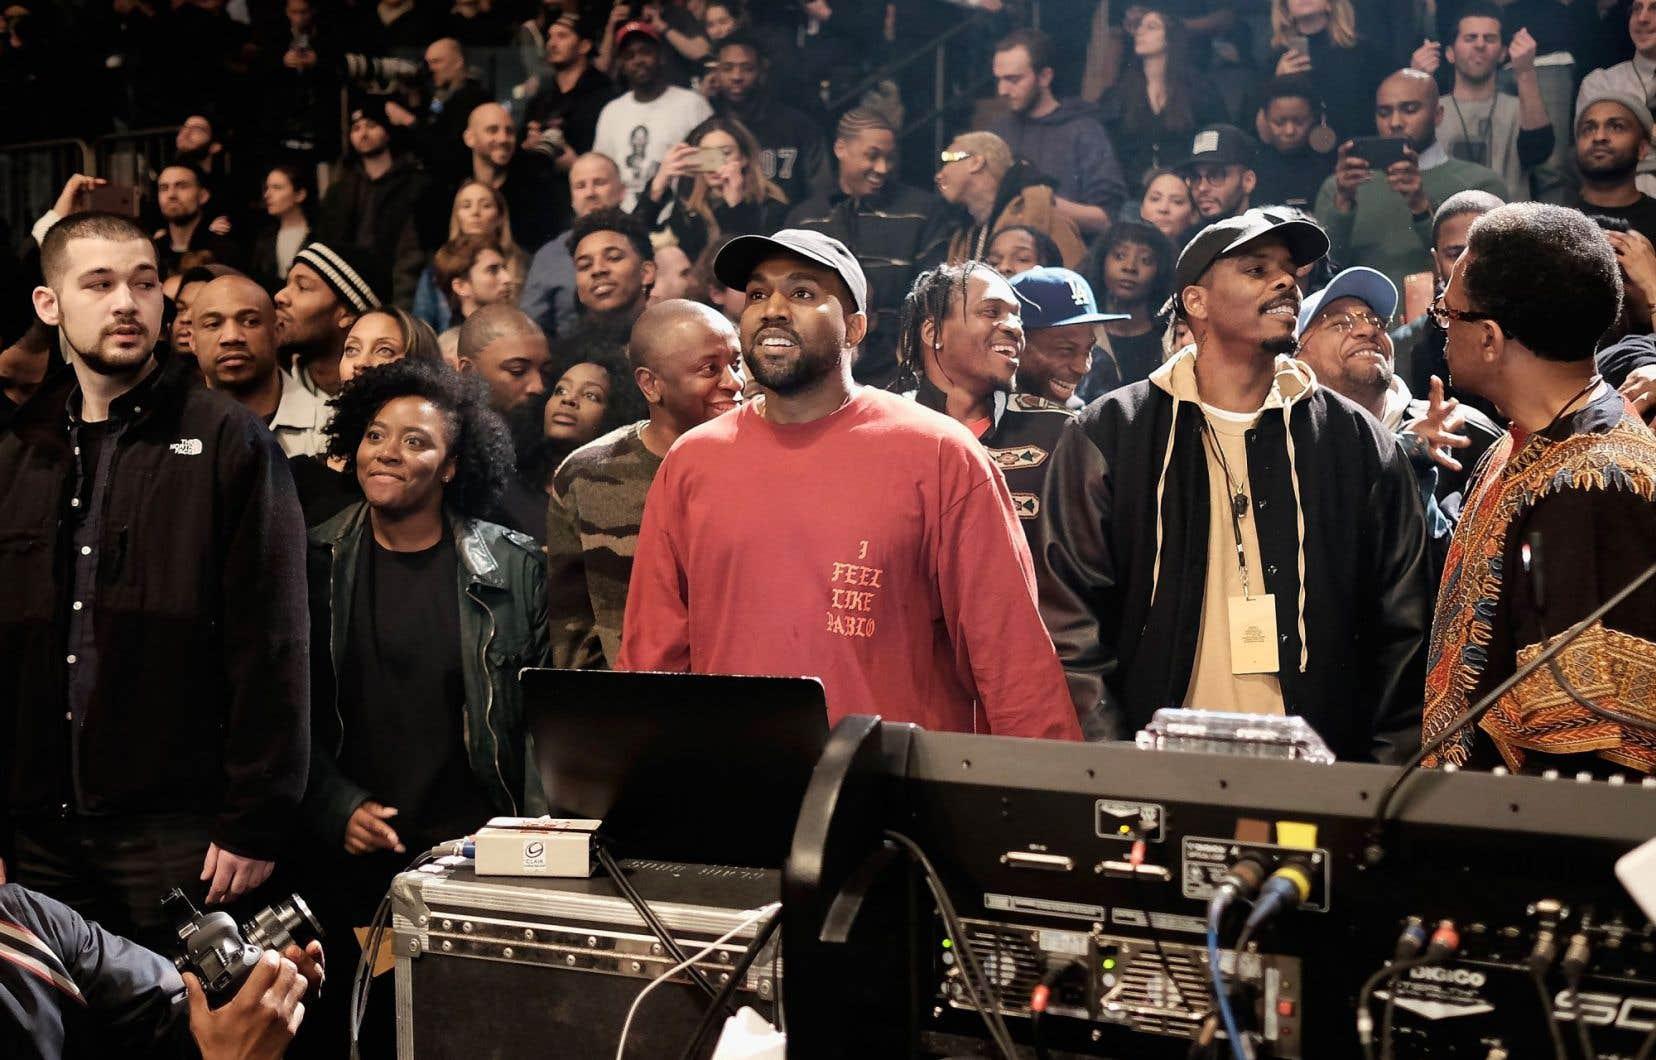 Kanye West a promis de remettre en vente «The Life of Pablo» la semaine prochaine après l'avoir fignolé. Entre-temps, il s'est accordé une pause hors des studios pour prendre part à la cérémonie des prix Grammy de lundi soir.